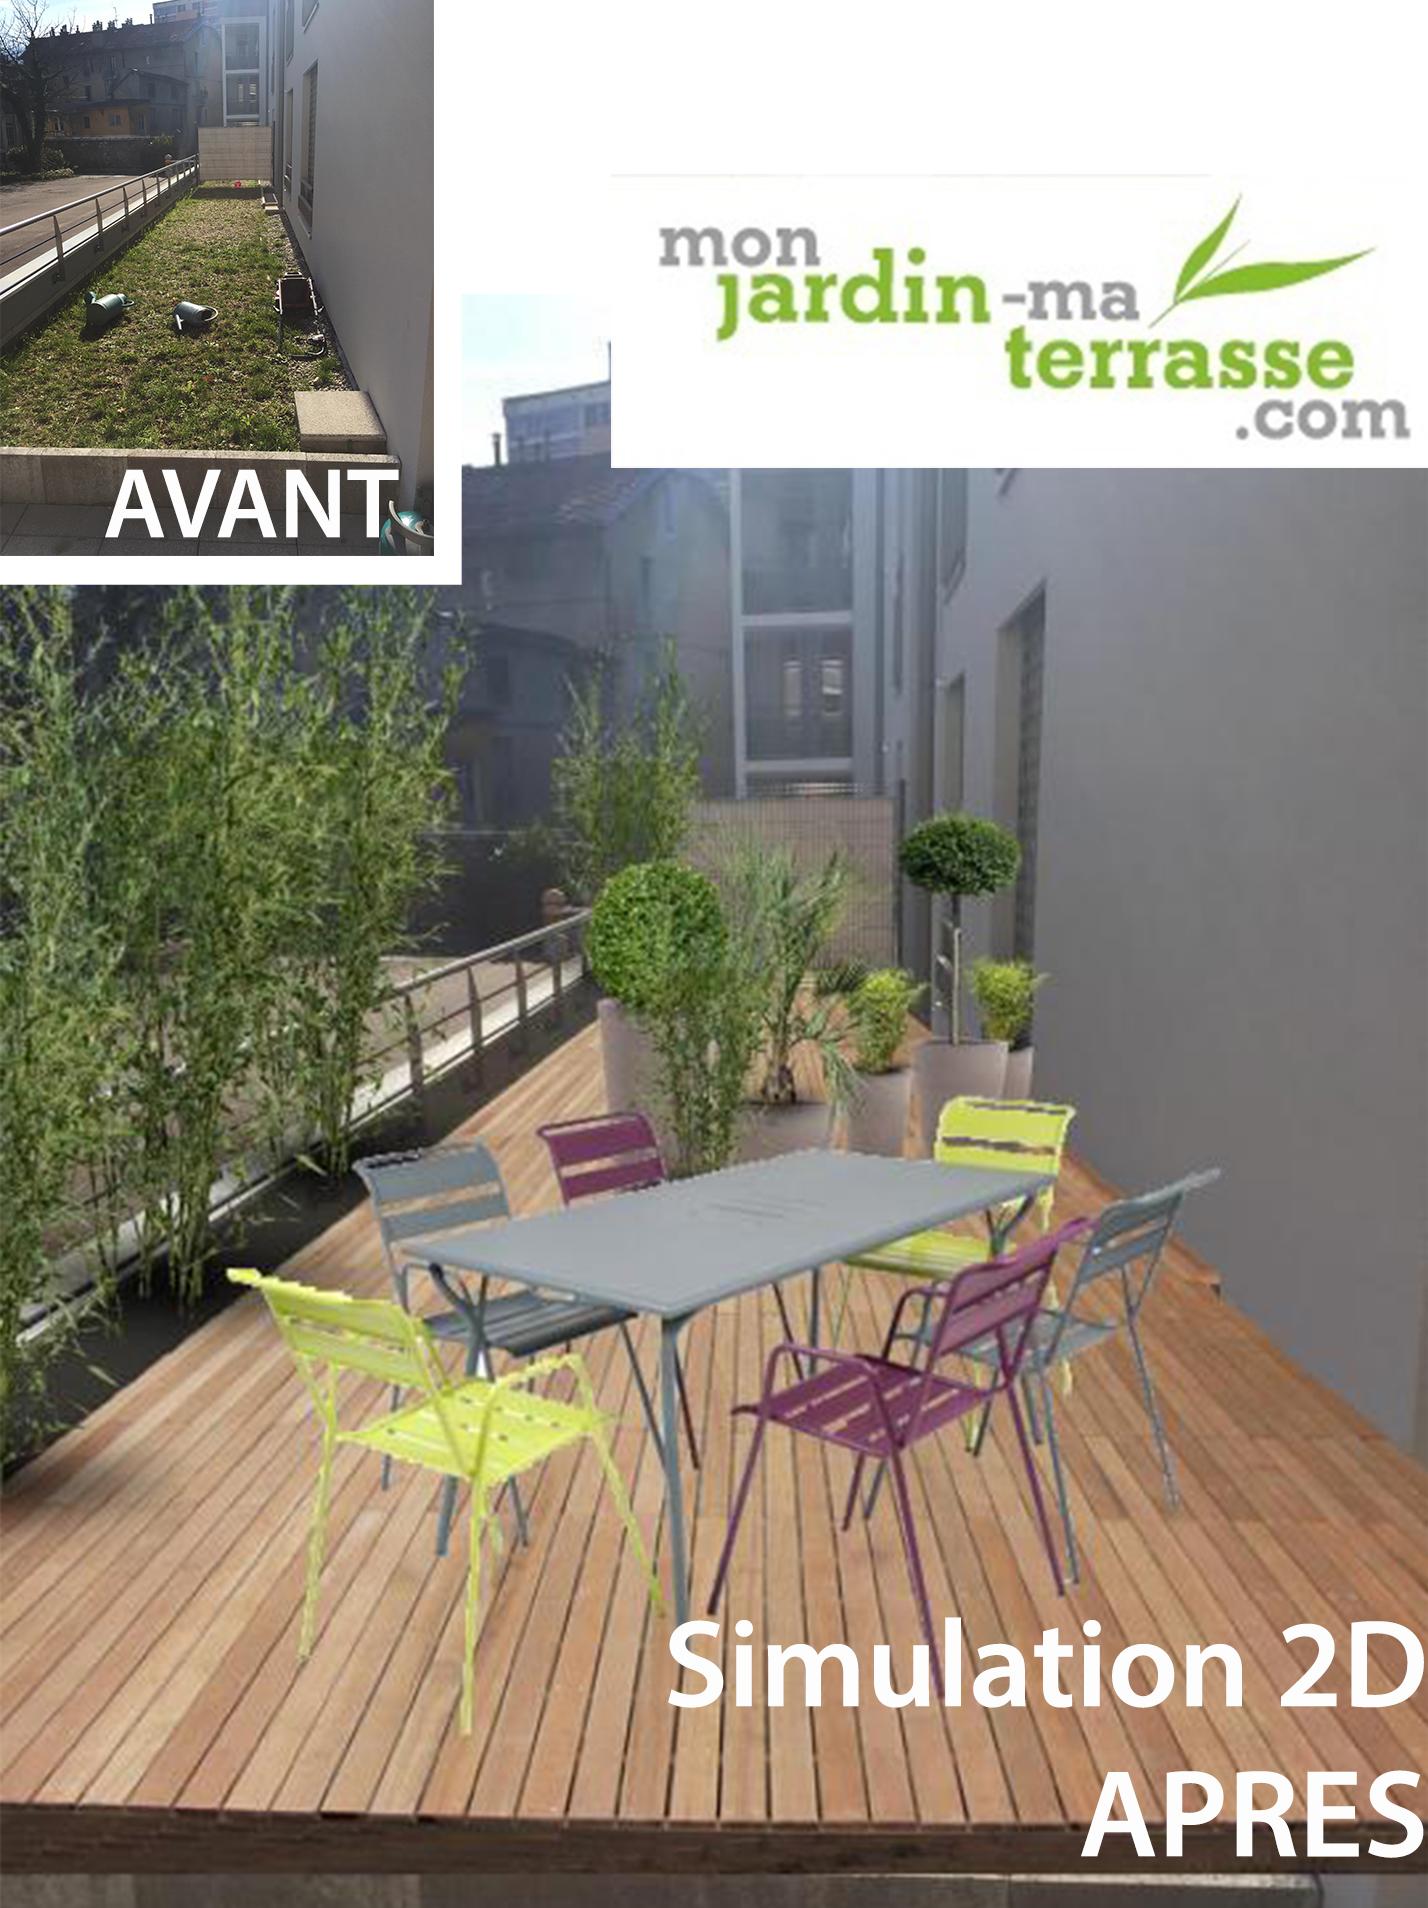 am nagement du toit terrasse d un appartement monjardin. Black Bedroom Furniture Sets. Home Design Ideas